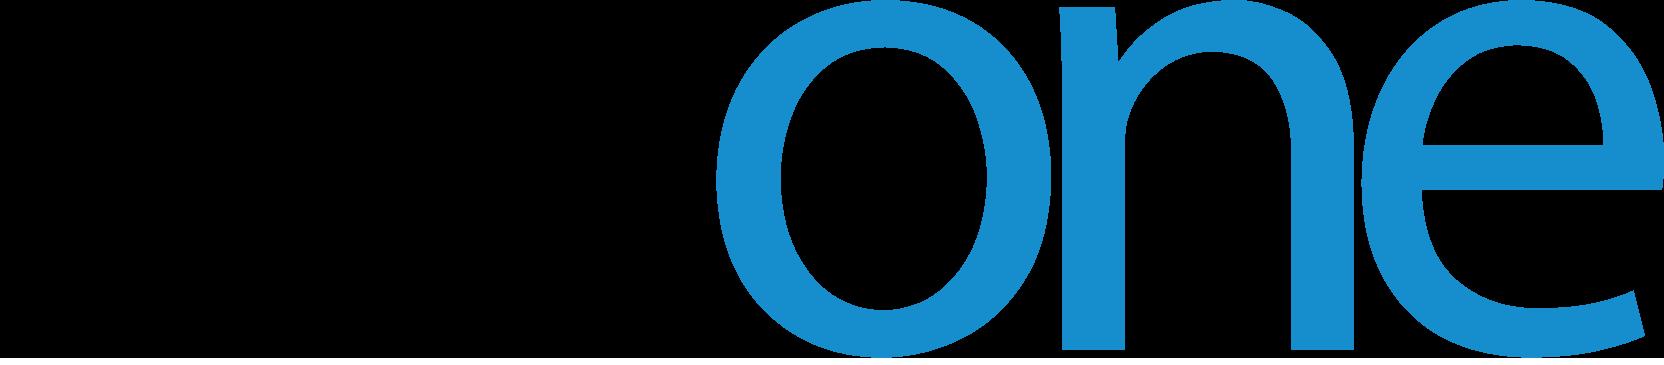 logo EarOne